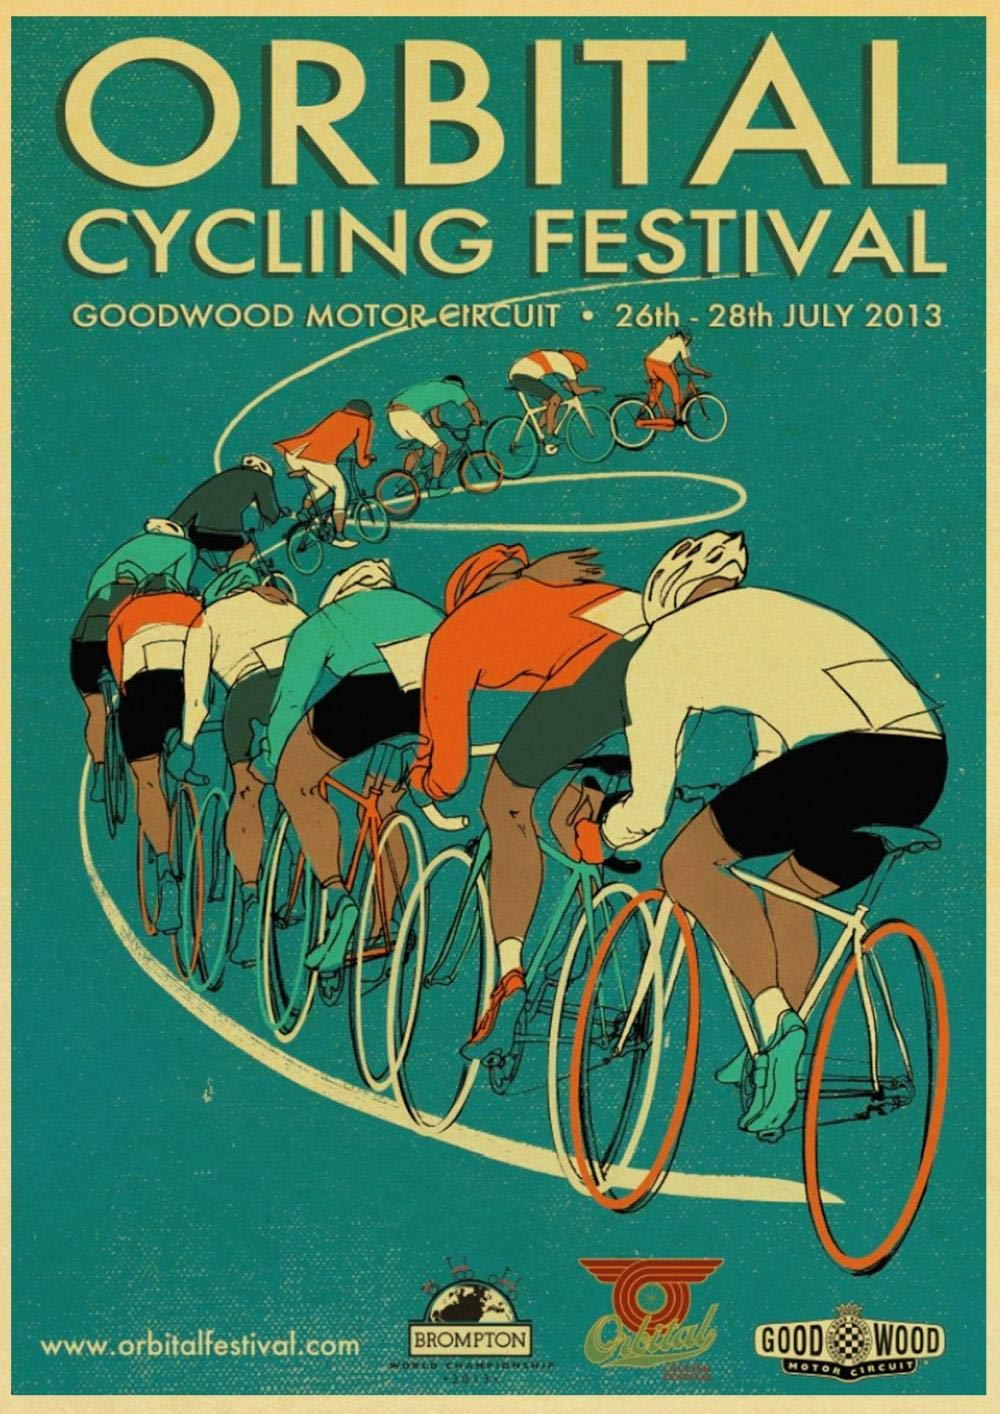 CYACC Conducción Deportiva Ciclismo Competencia Bicicleta película clásica Cartel de Papel Vintage Pintura de Pared Decoración del hogar 42X30 CM 30X21 CM @ 42X30_CM_E112: Amazon.es: Hogar